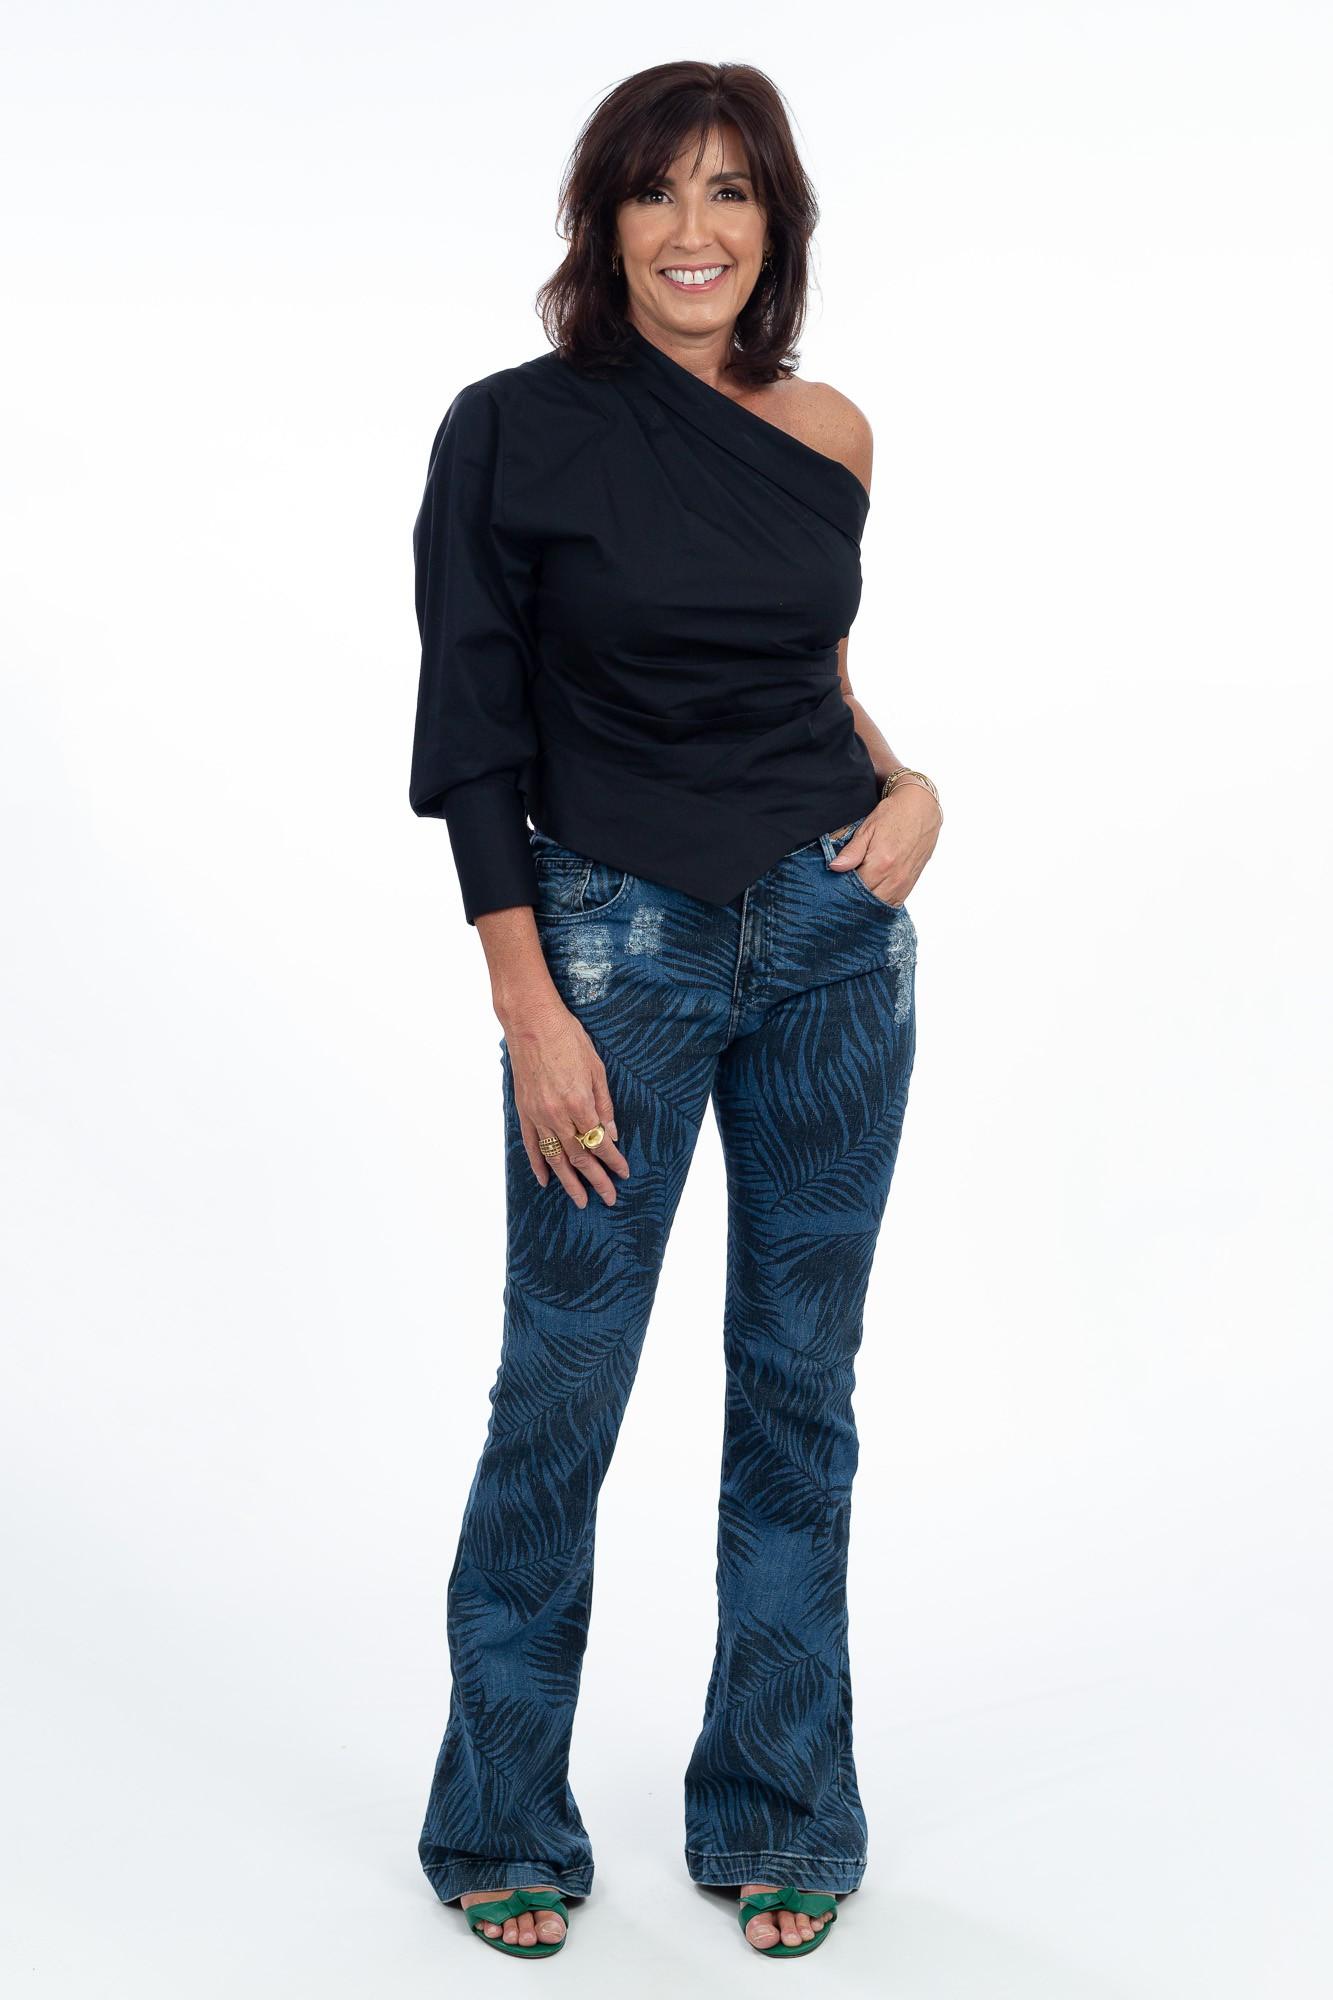 Calça jeans escura estampa folhas Mixed tam 40